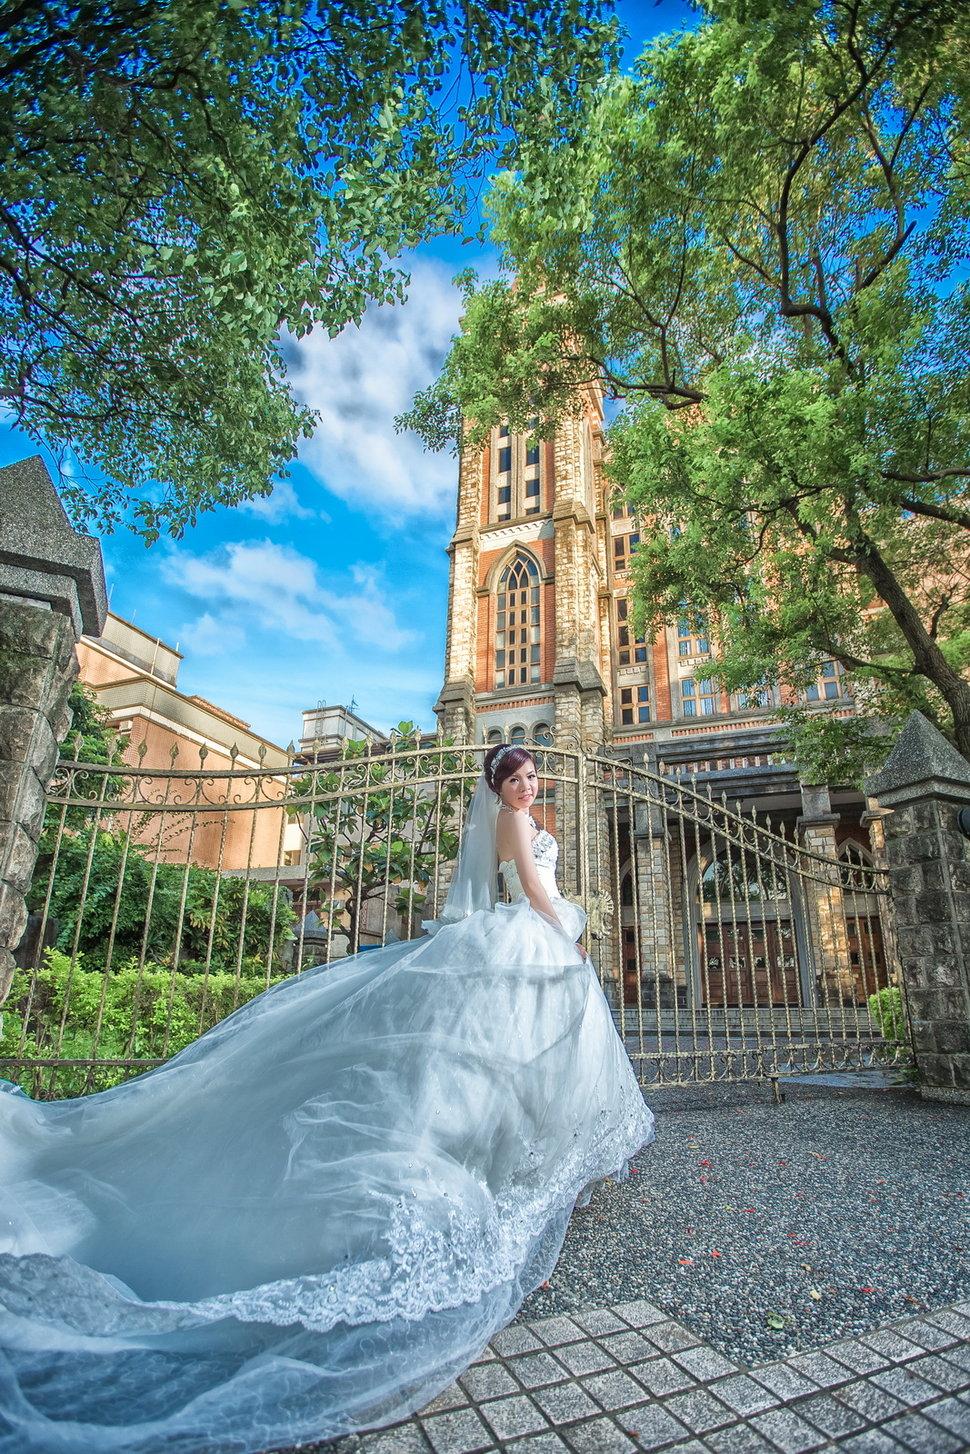 自助婚紗-淡水教堂-婚攝阿卜(編號:433923) - 阿卜的攝影工作室 - 結婚吧一站式婚禮服務平台